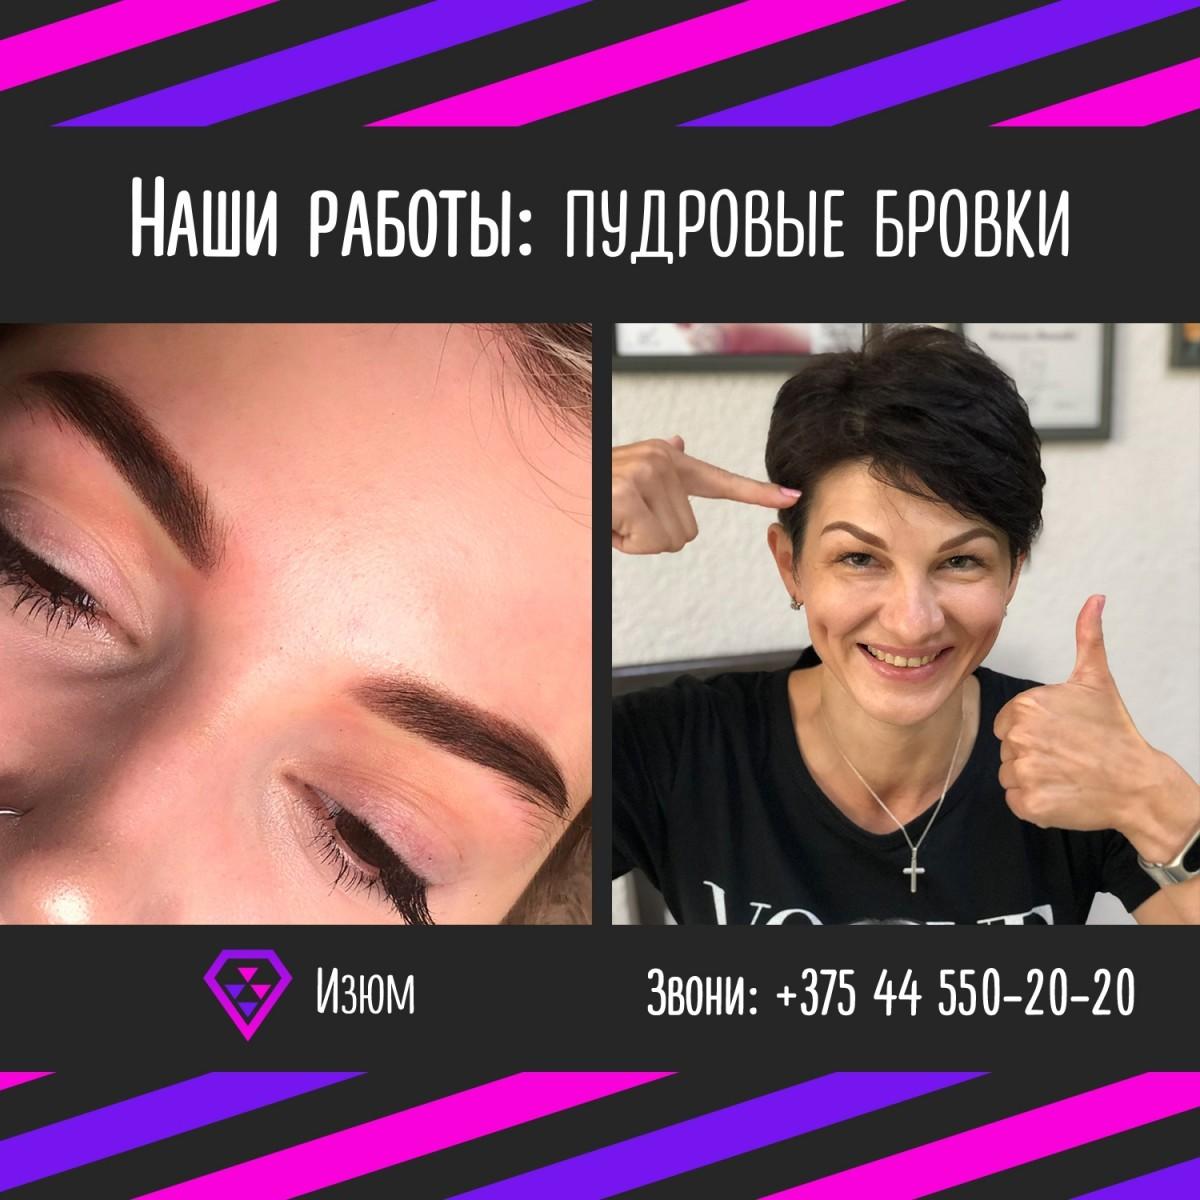 Изюм. Студия перманентного макияжа